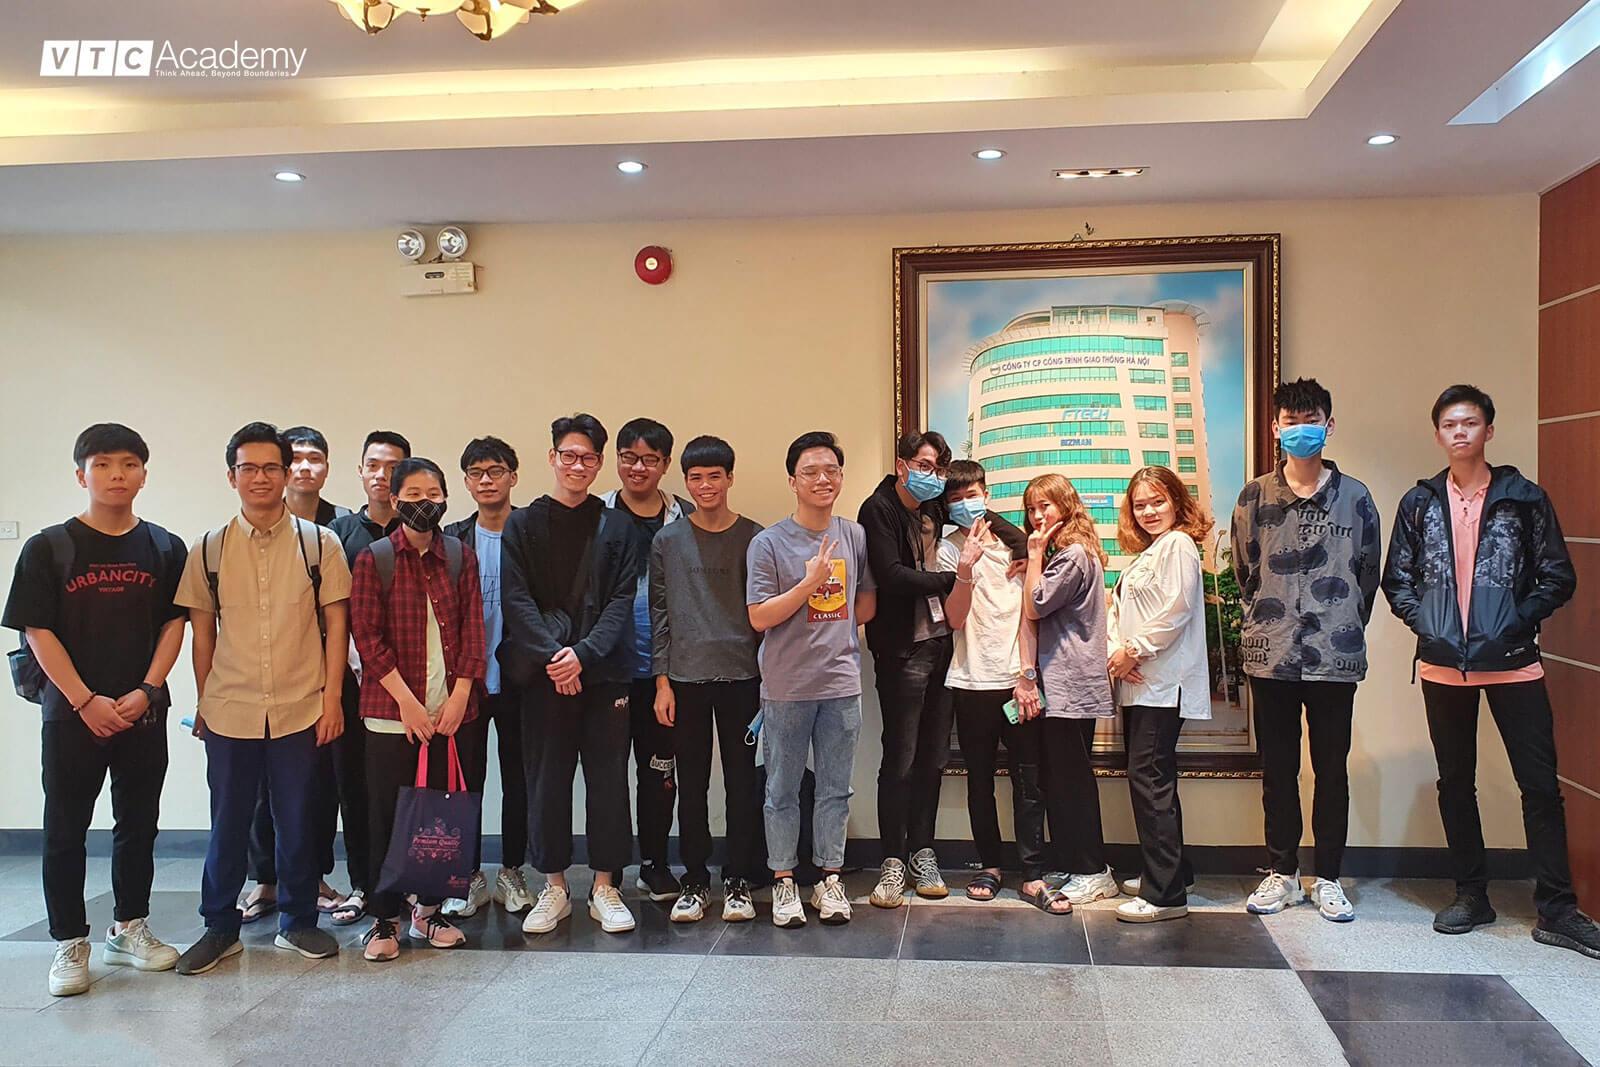 VTC Academy tổ chức chuyến thăm doanh nghiệp Ftech dành cho học viên Hà Nội